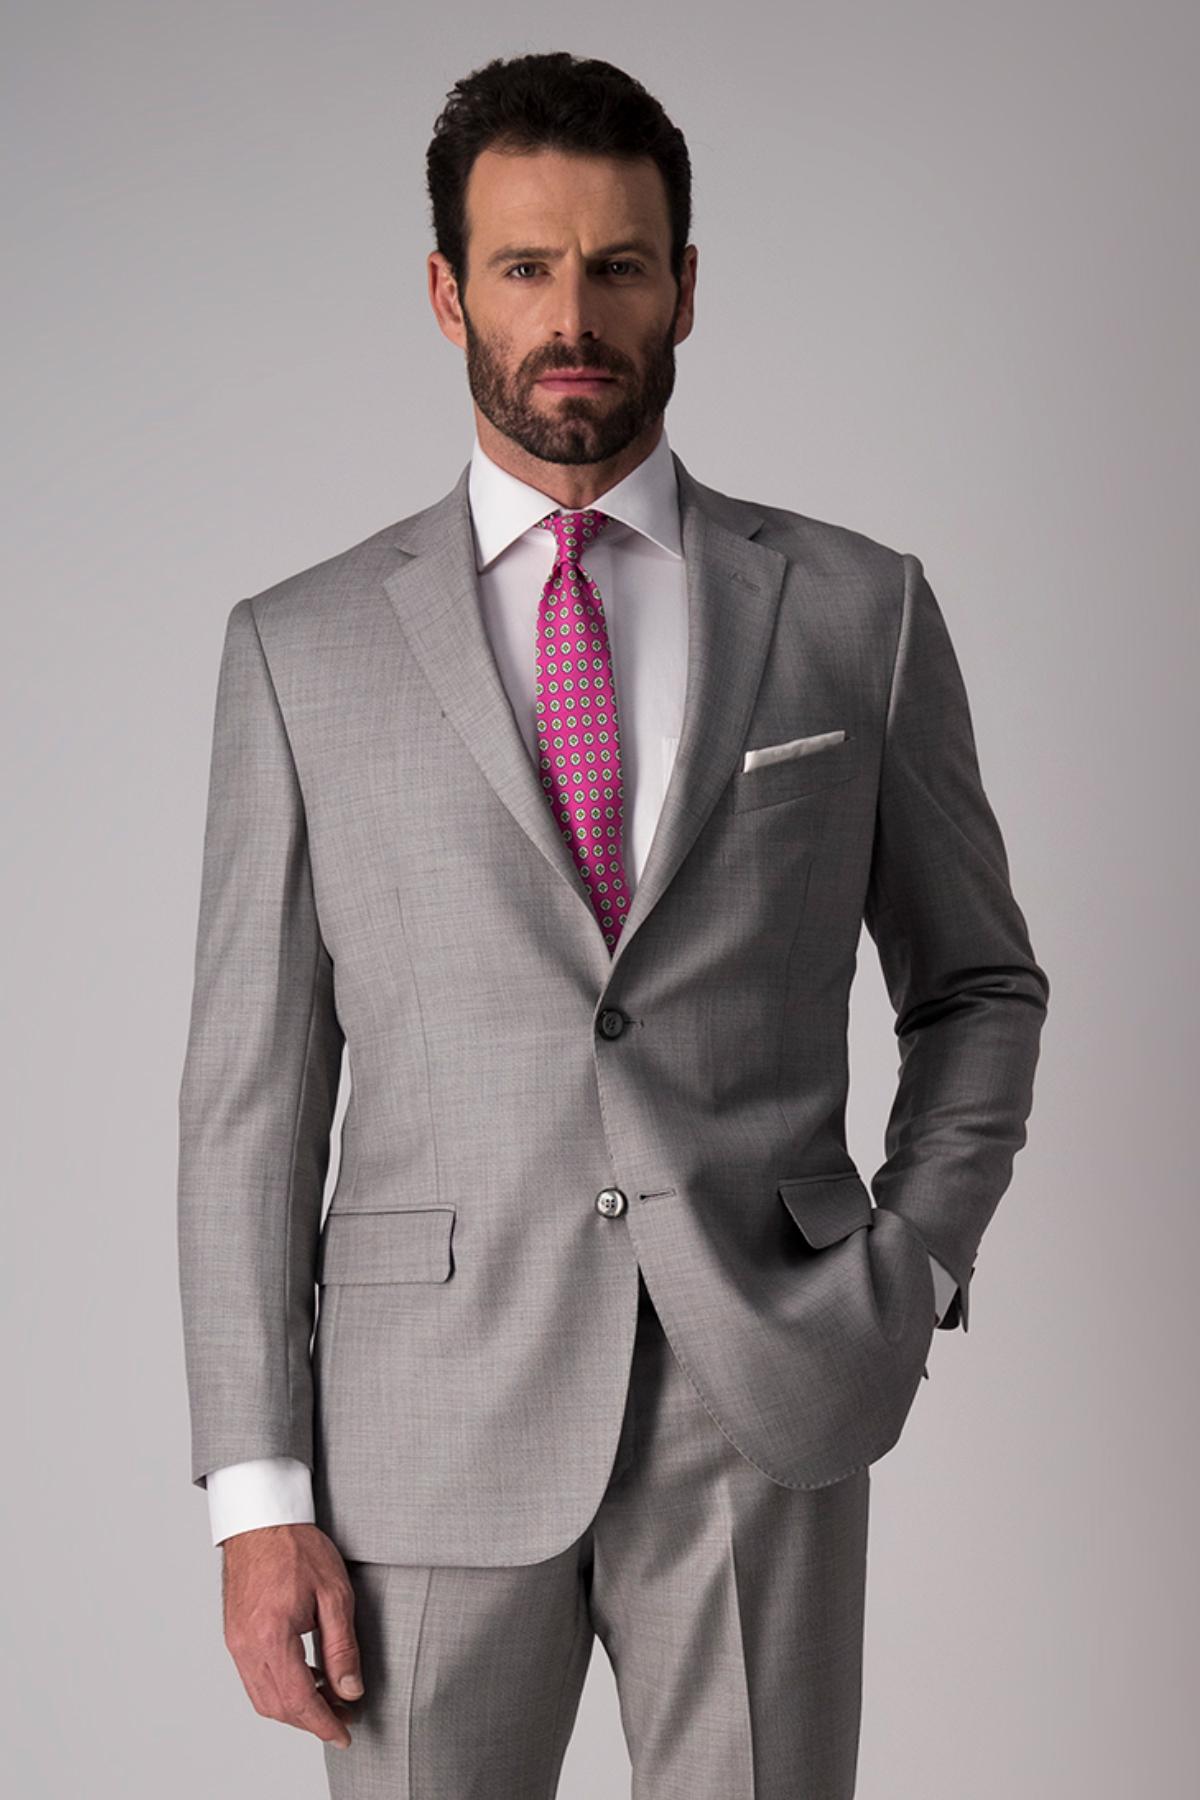 Traje Robert´s, 100% lana, Regular fit, gris claro.